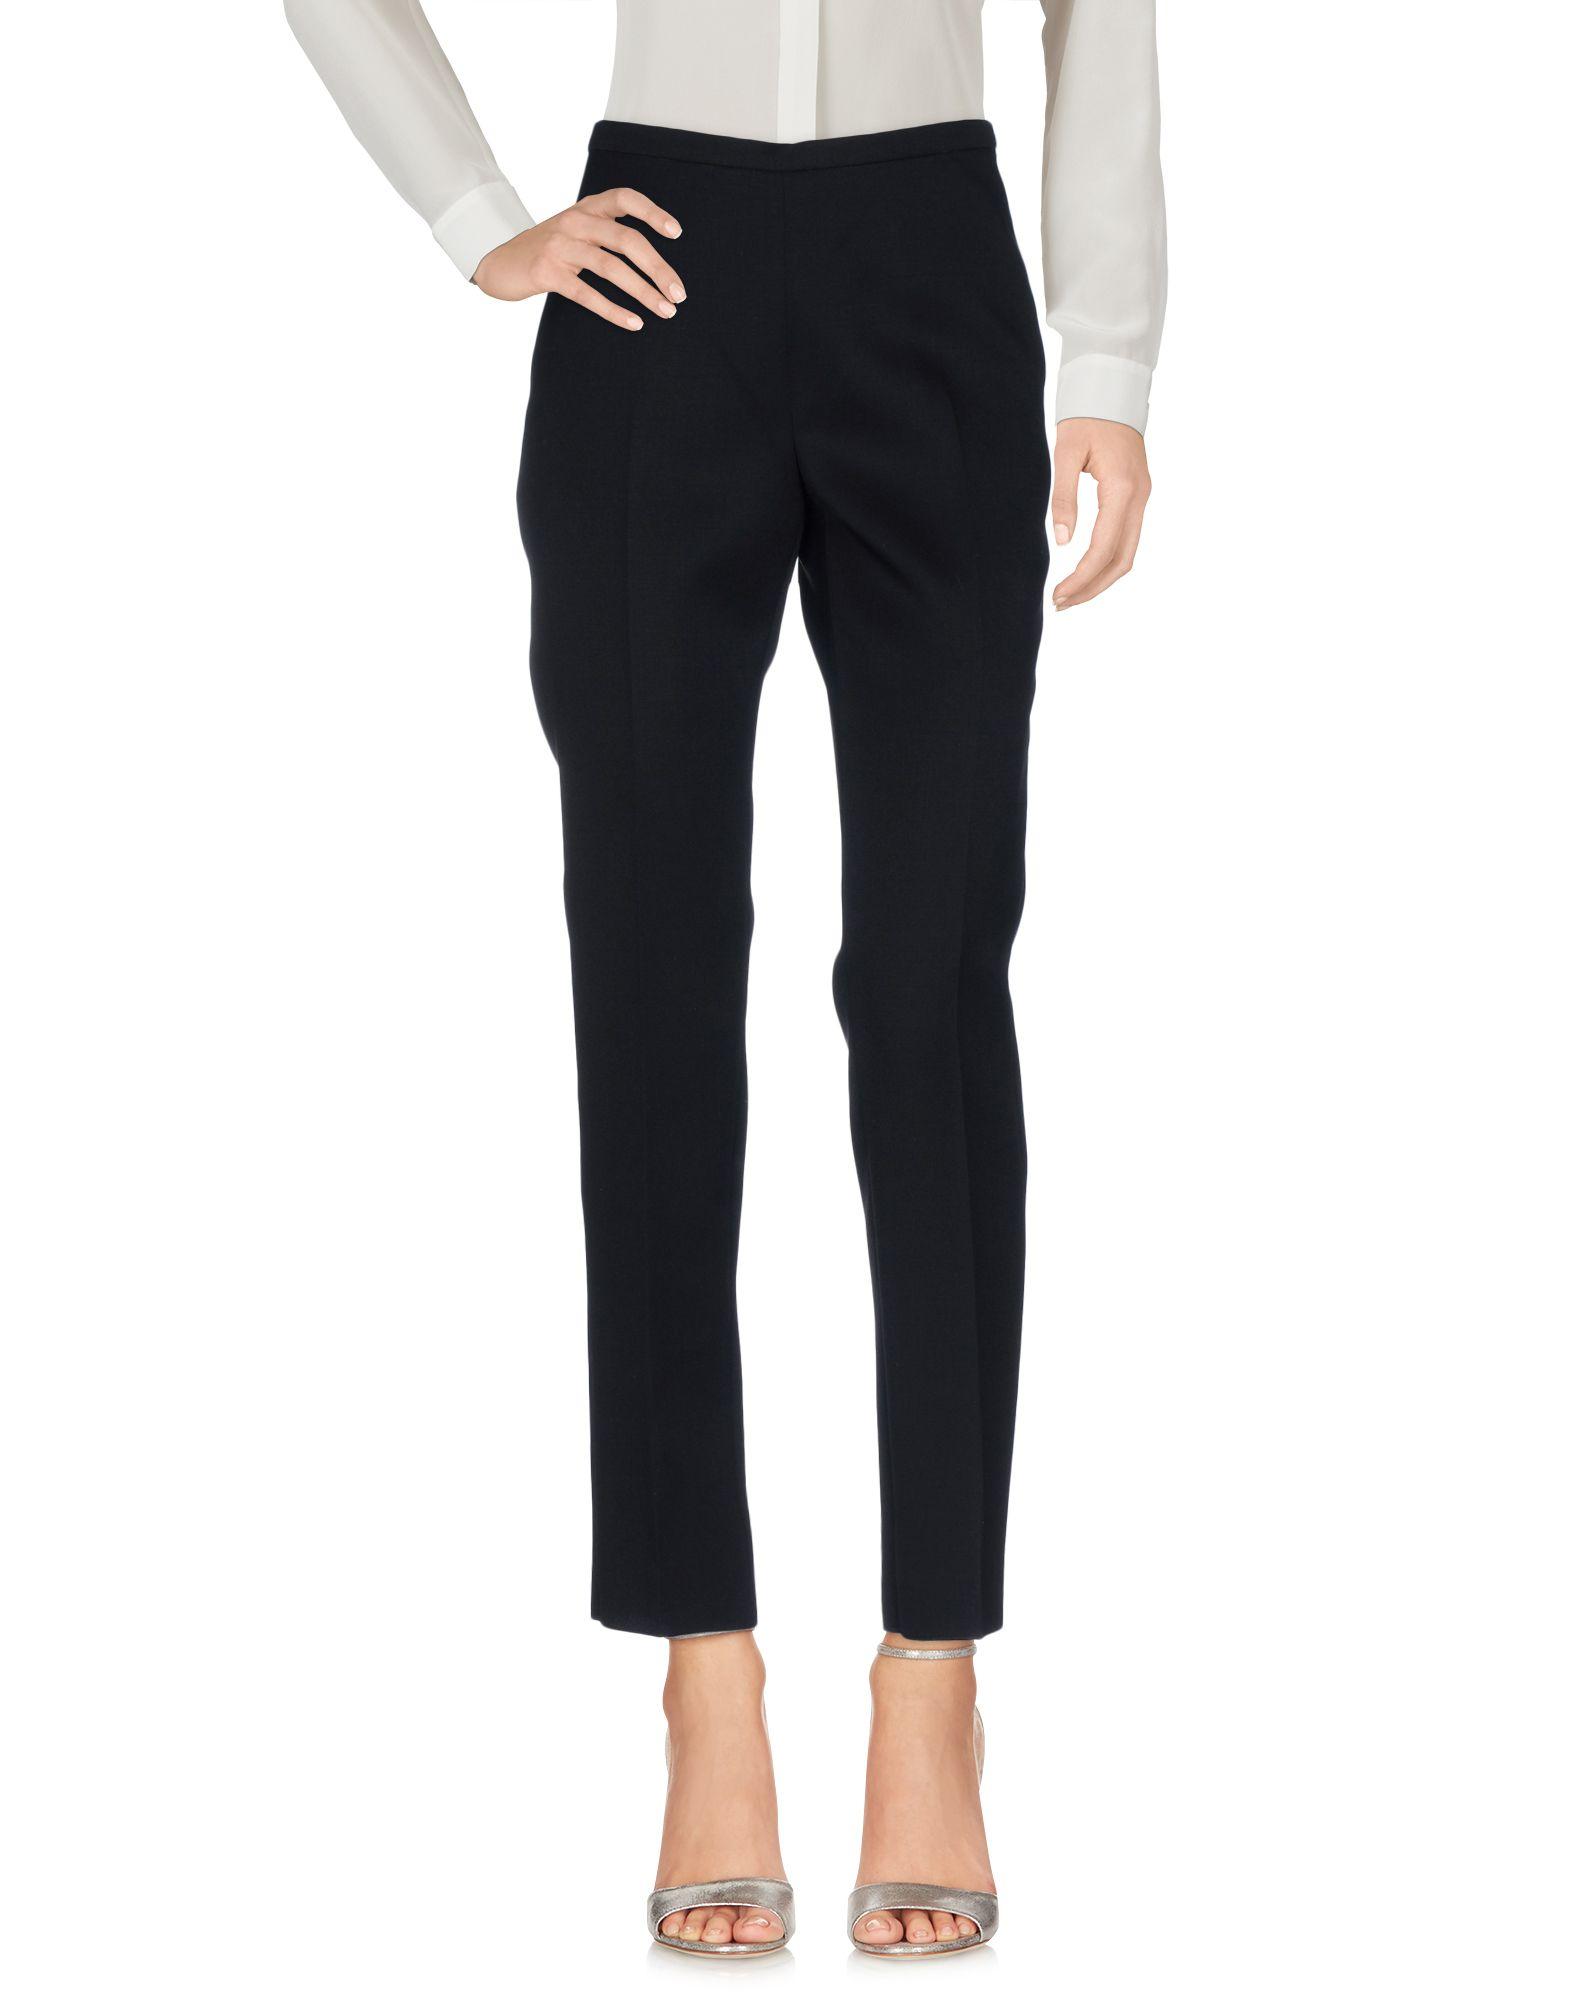 ROCHAS Damen Hose Farbe Schwarz Größe 2 - broschei